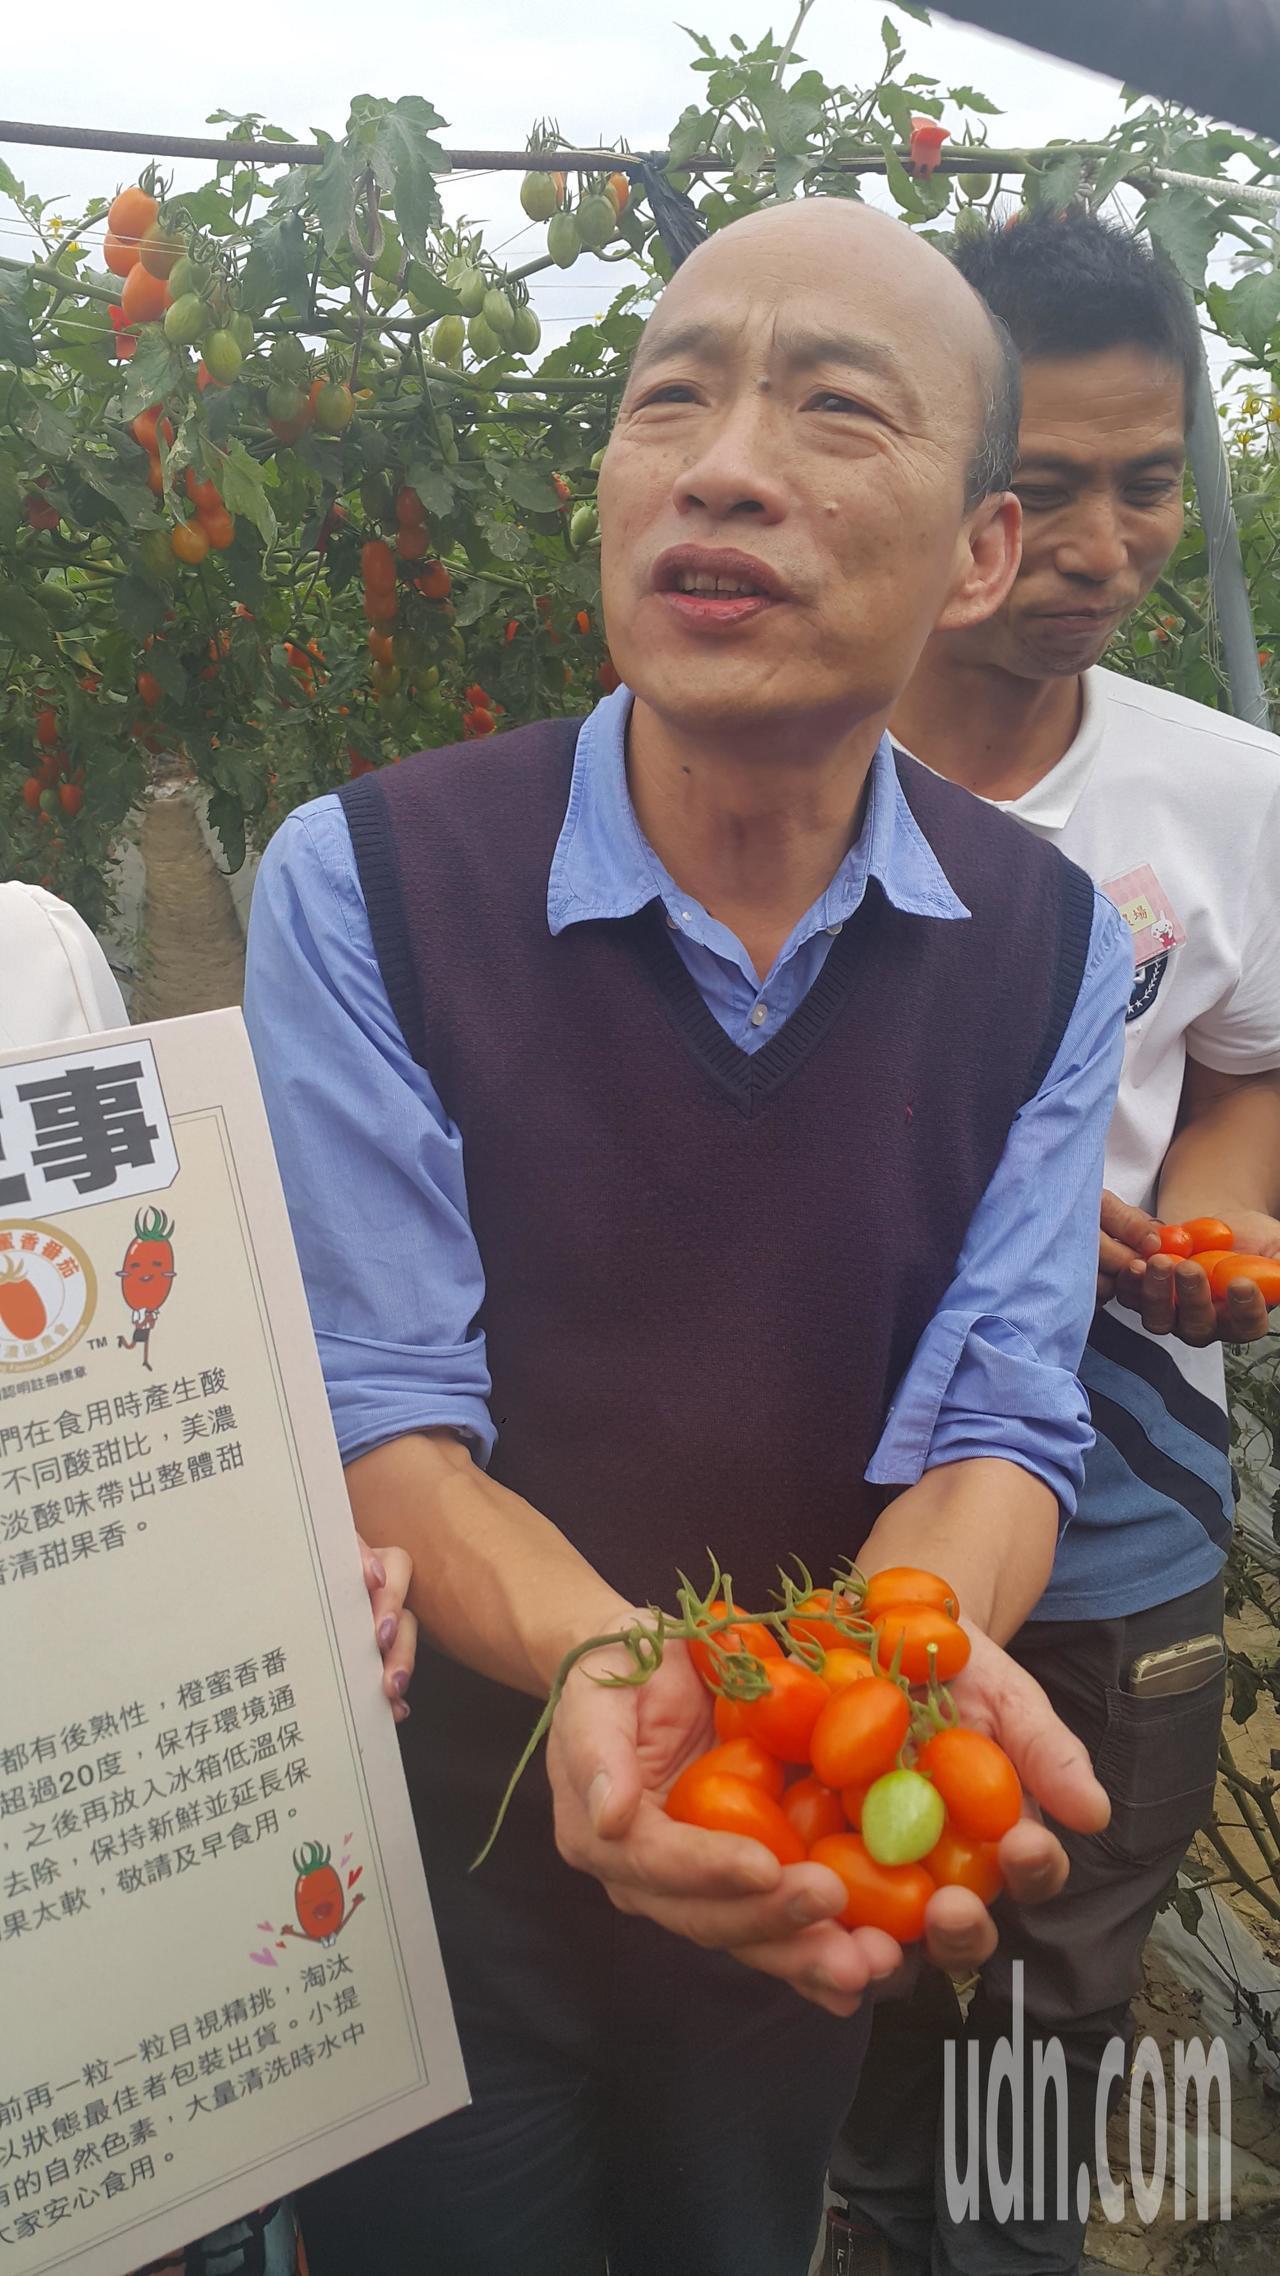 高雄市長韓國瑜參加美濃橙蜜香番茄評鑑活動,下田親採番茄試吃。記者徐白櫻/攝影